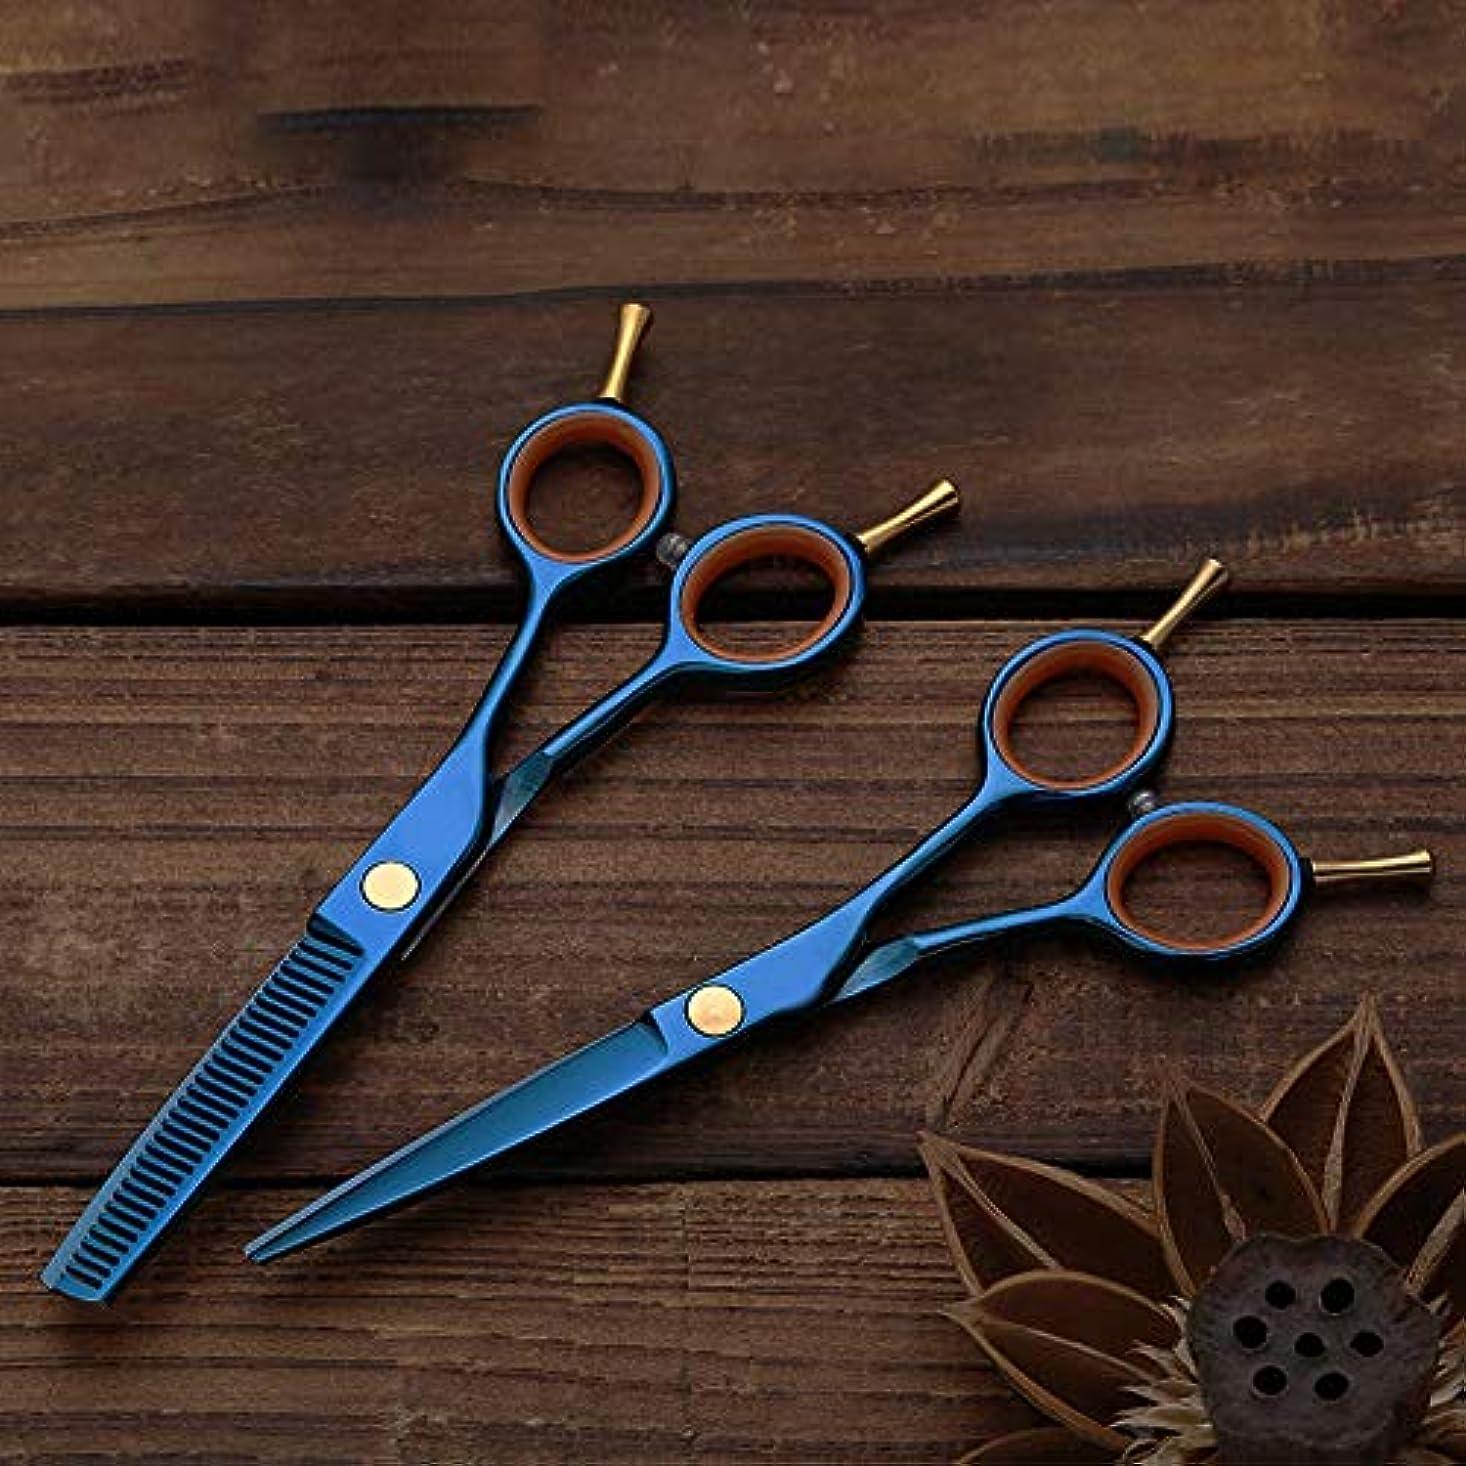 チロ些細なびっくりした理髪用はさみ 多彩なめっきされた二重尾理髪はさみ、平らな+歯はさみ専門の理髪セットの毛の切断はさみのステンレス製の理髪師のはさみ (色 : 青)